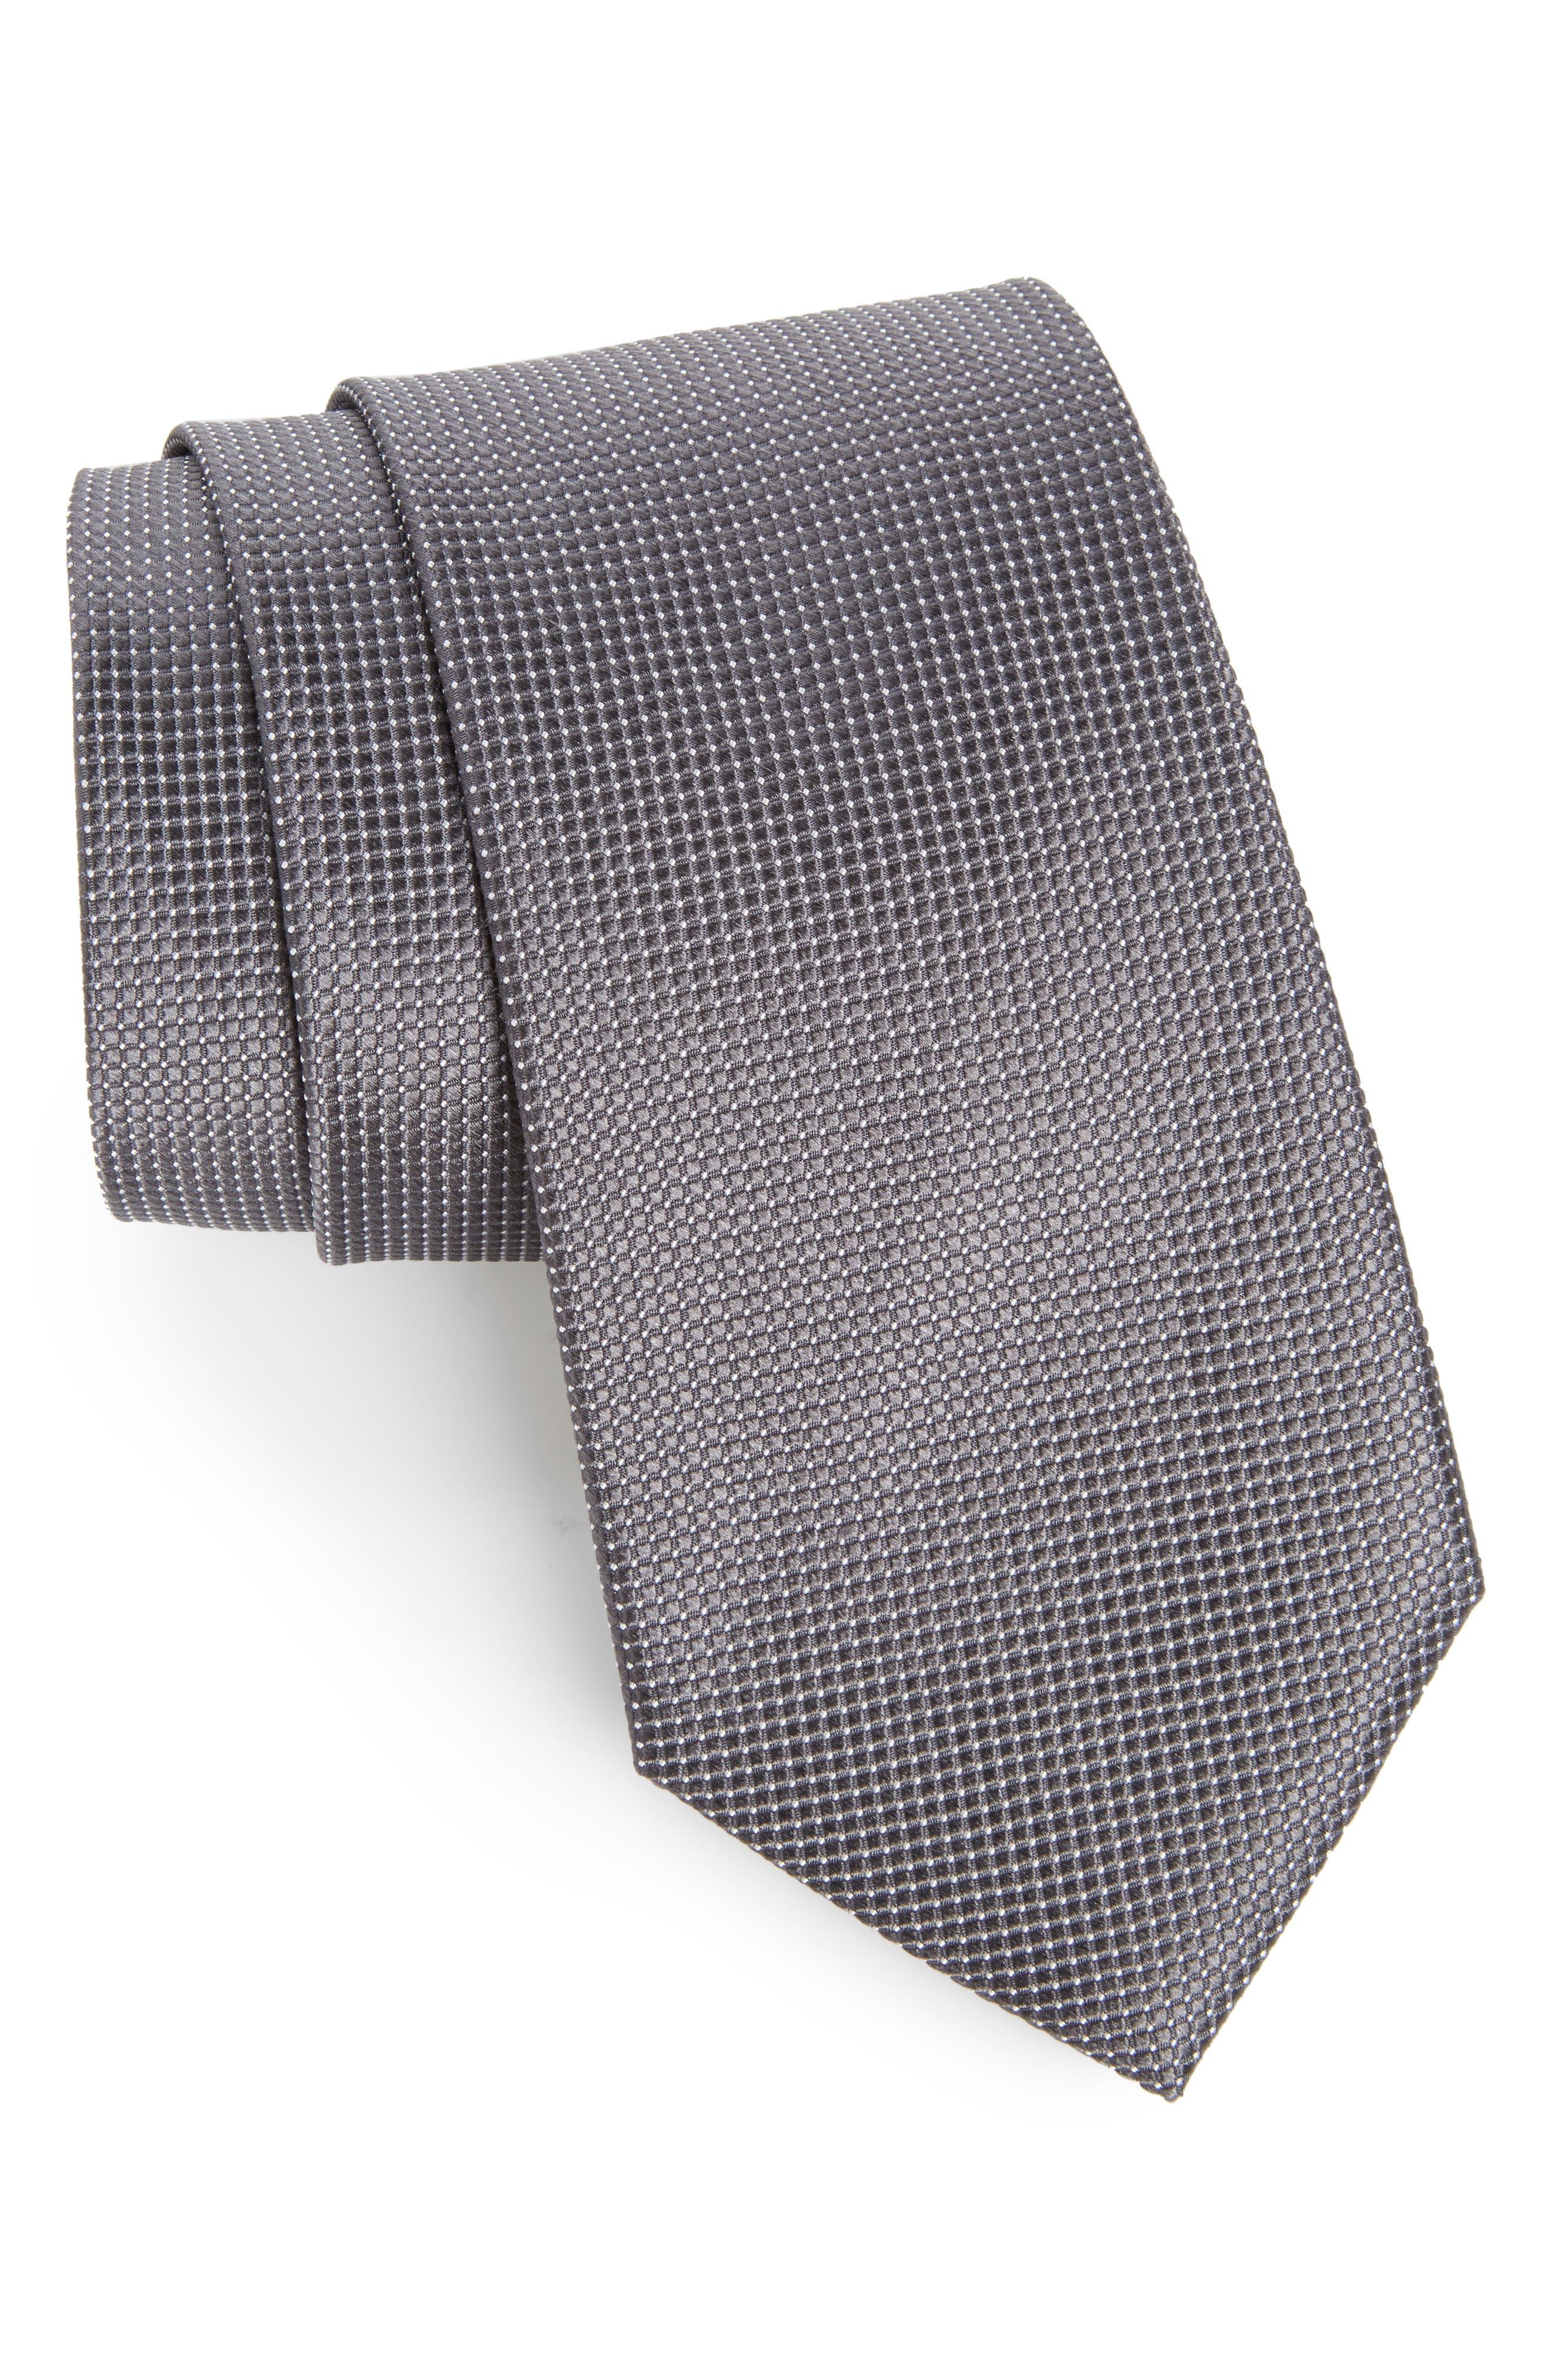 Micro Pin Dot Silk Tie,                             Main thumbnail 1, color,                             020